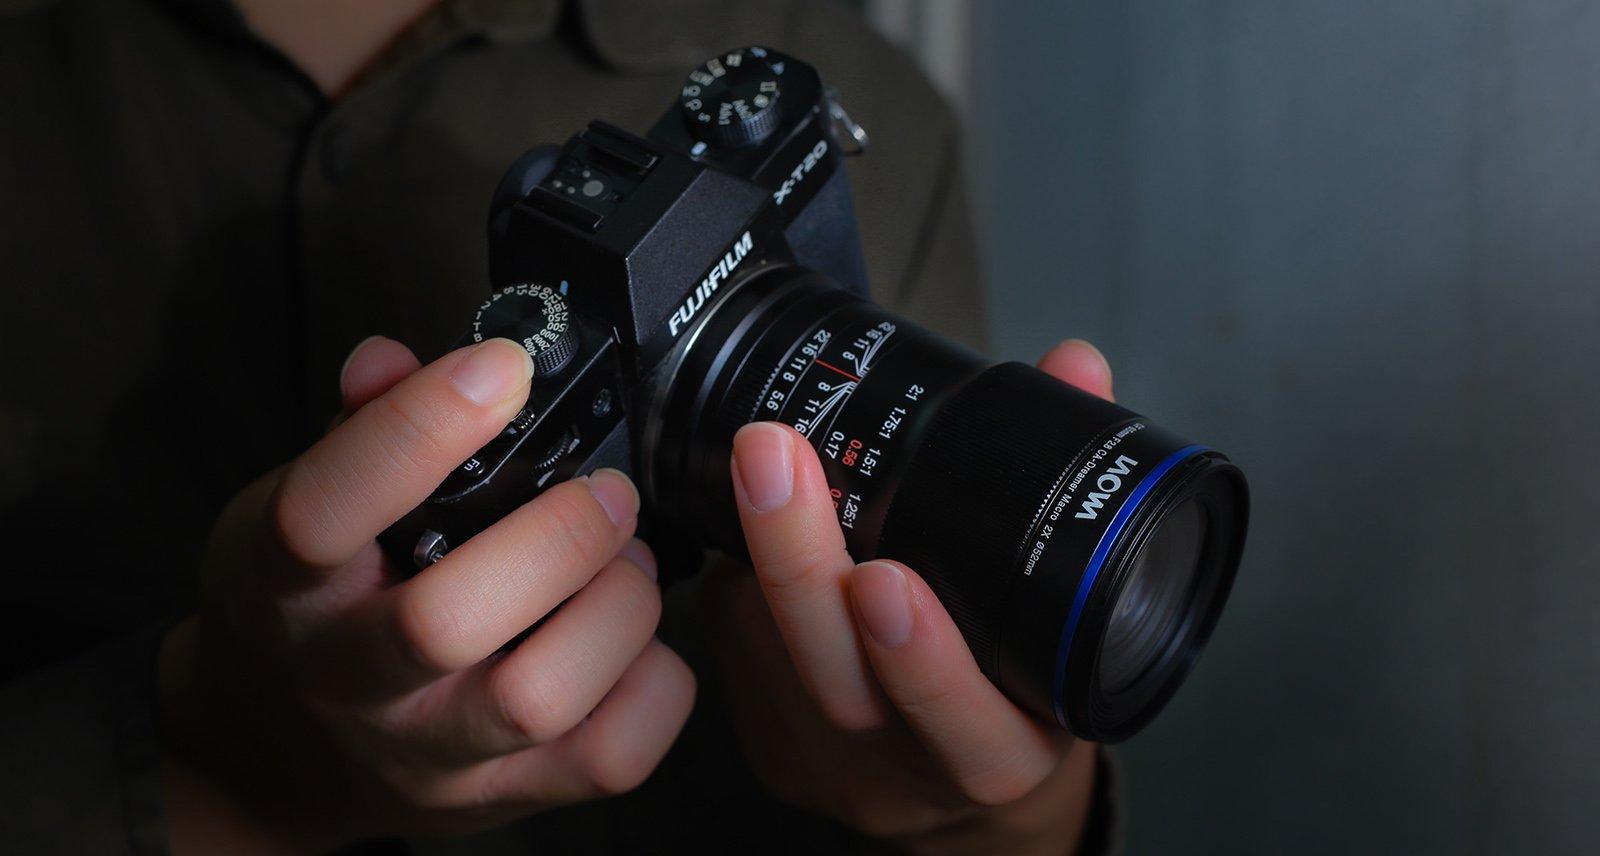 Venus Optics Launches Affordable 2X Macro Lens for APS-C Mirrorless Cameras - PetaPixel